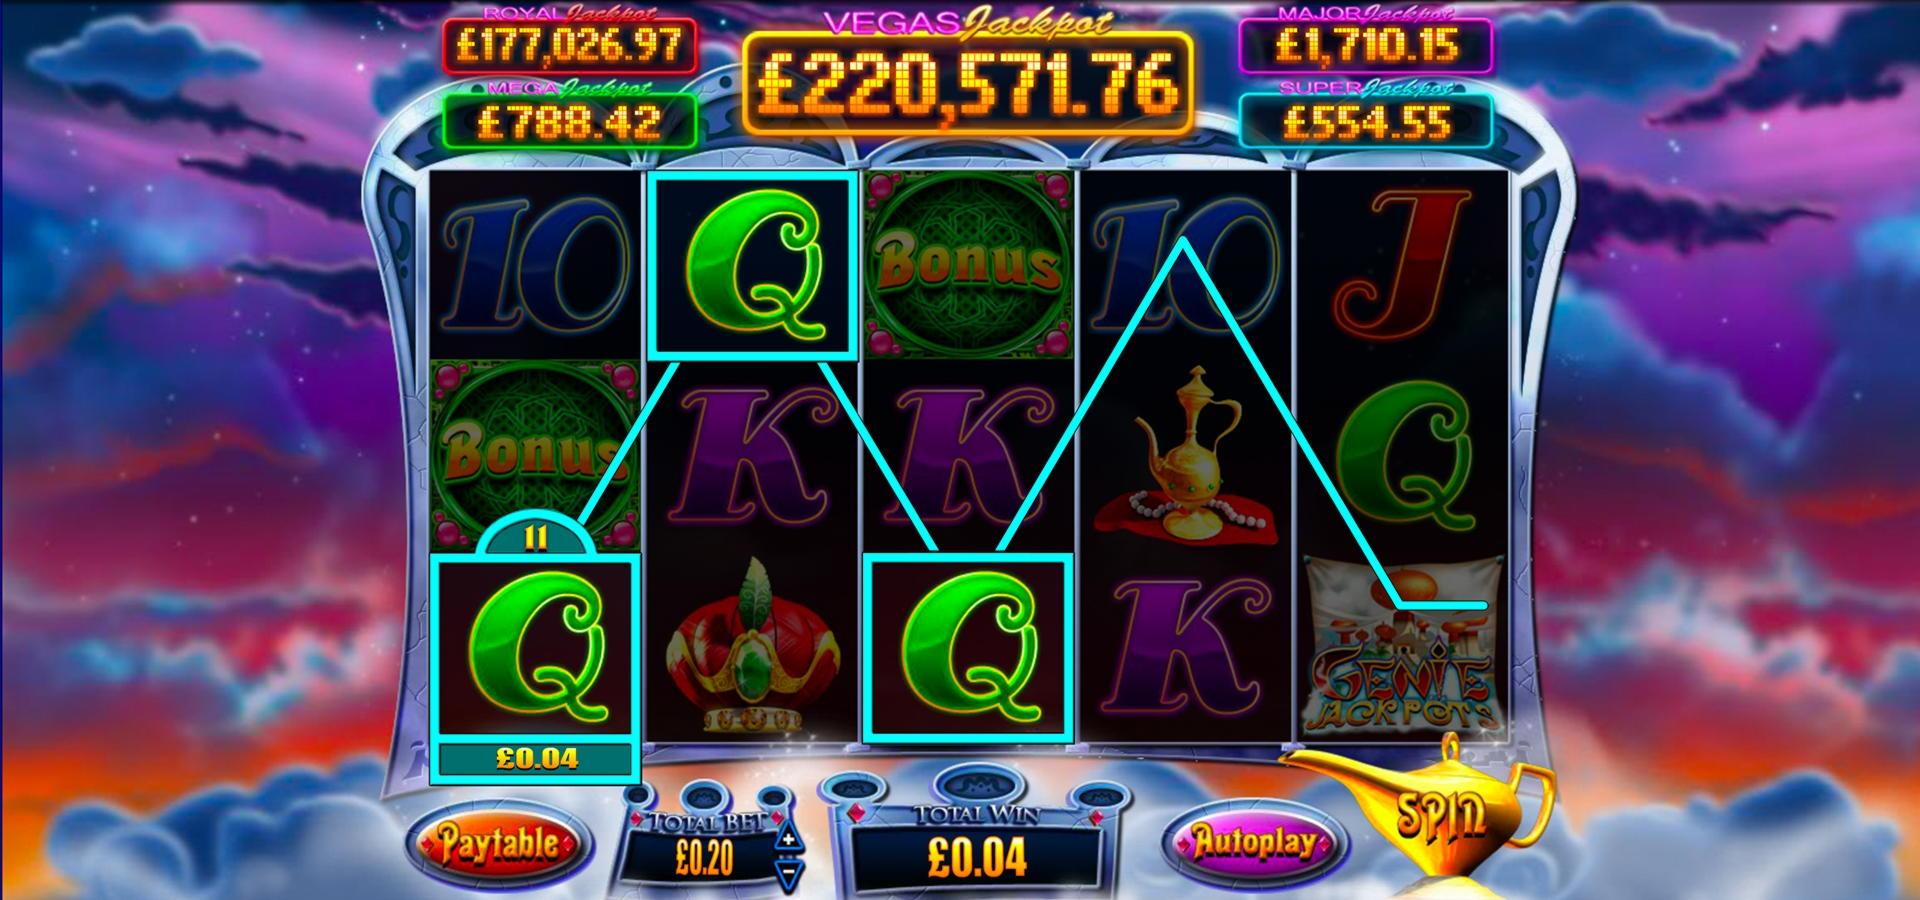 850% Match at a Casino at Bet Tilt